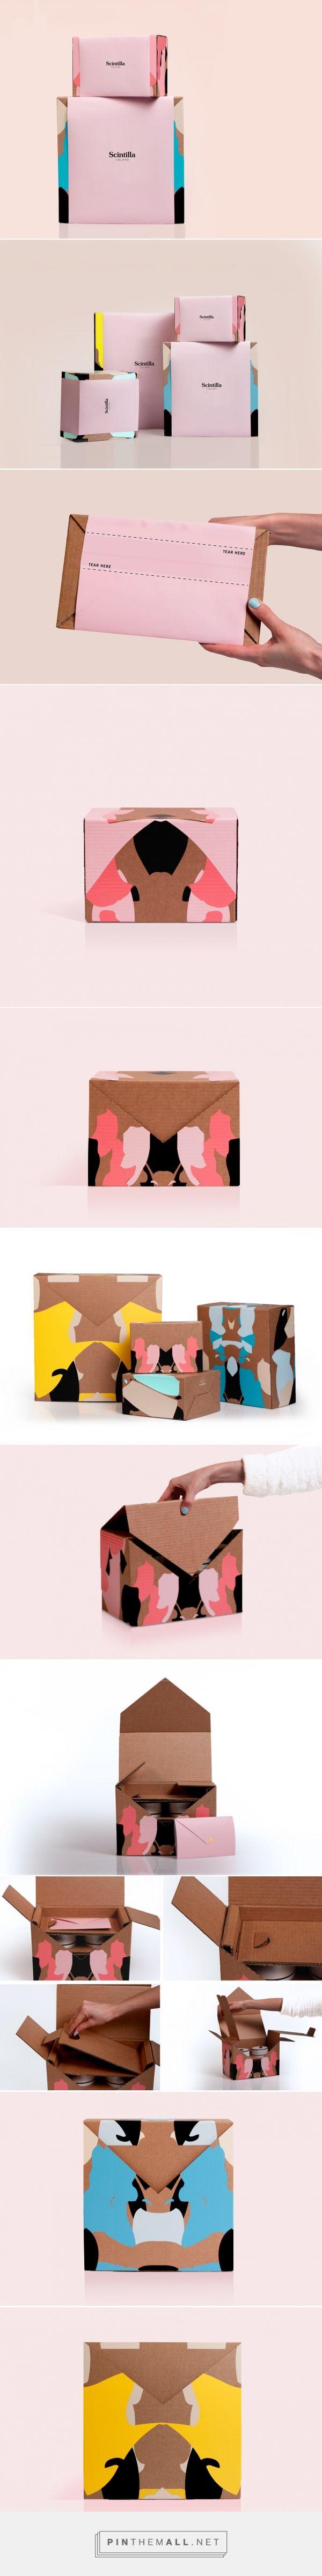 Scintilla Inicio Accesorios Embalaje a Milja Korpela |  Agencia de Branding Fivestar - Diseño y la Agencia de Branding & Inspiration Gallery Curada